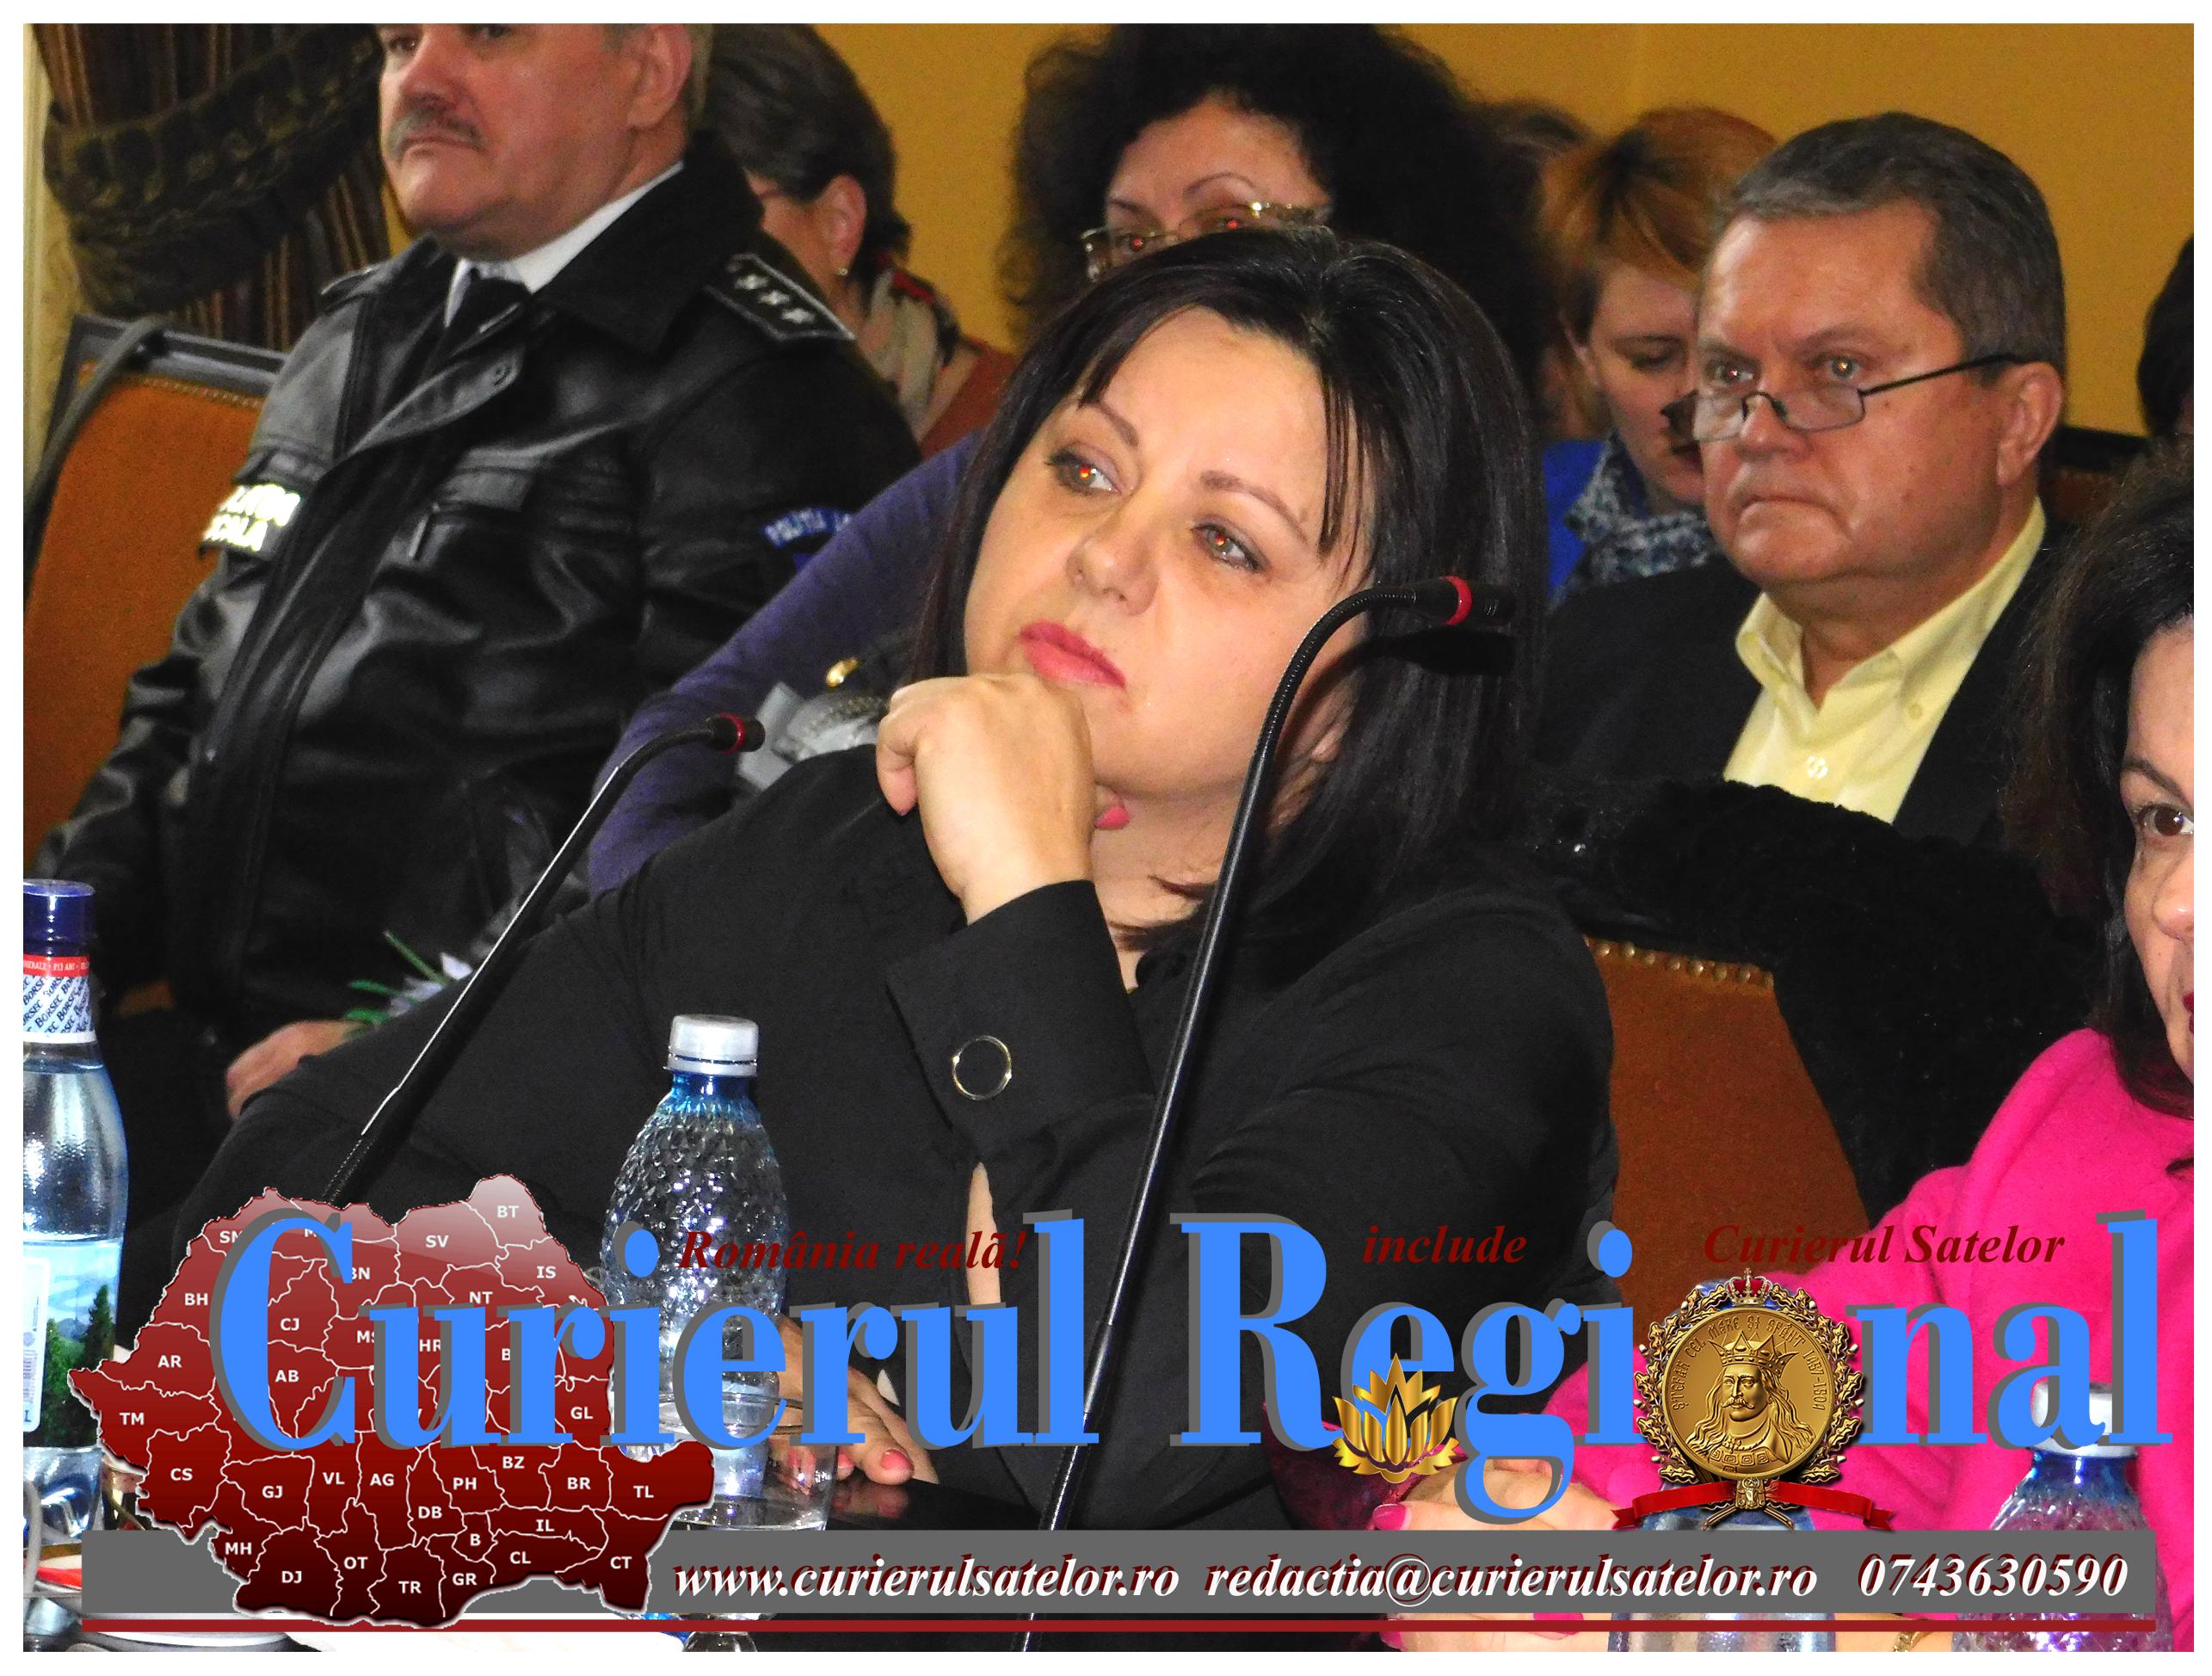 VIDEO 7 parlamentari PSD, 8 ani de guvernare, zero investiții în municipiul Botoșani 2